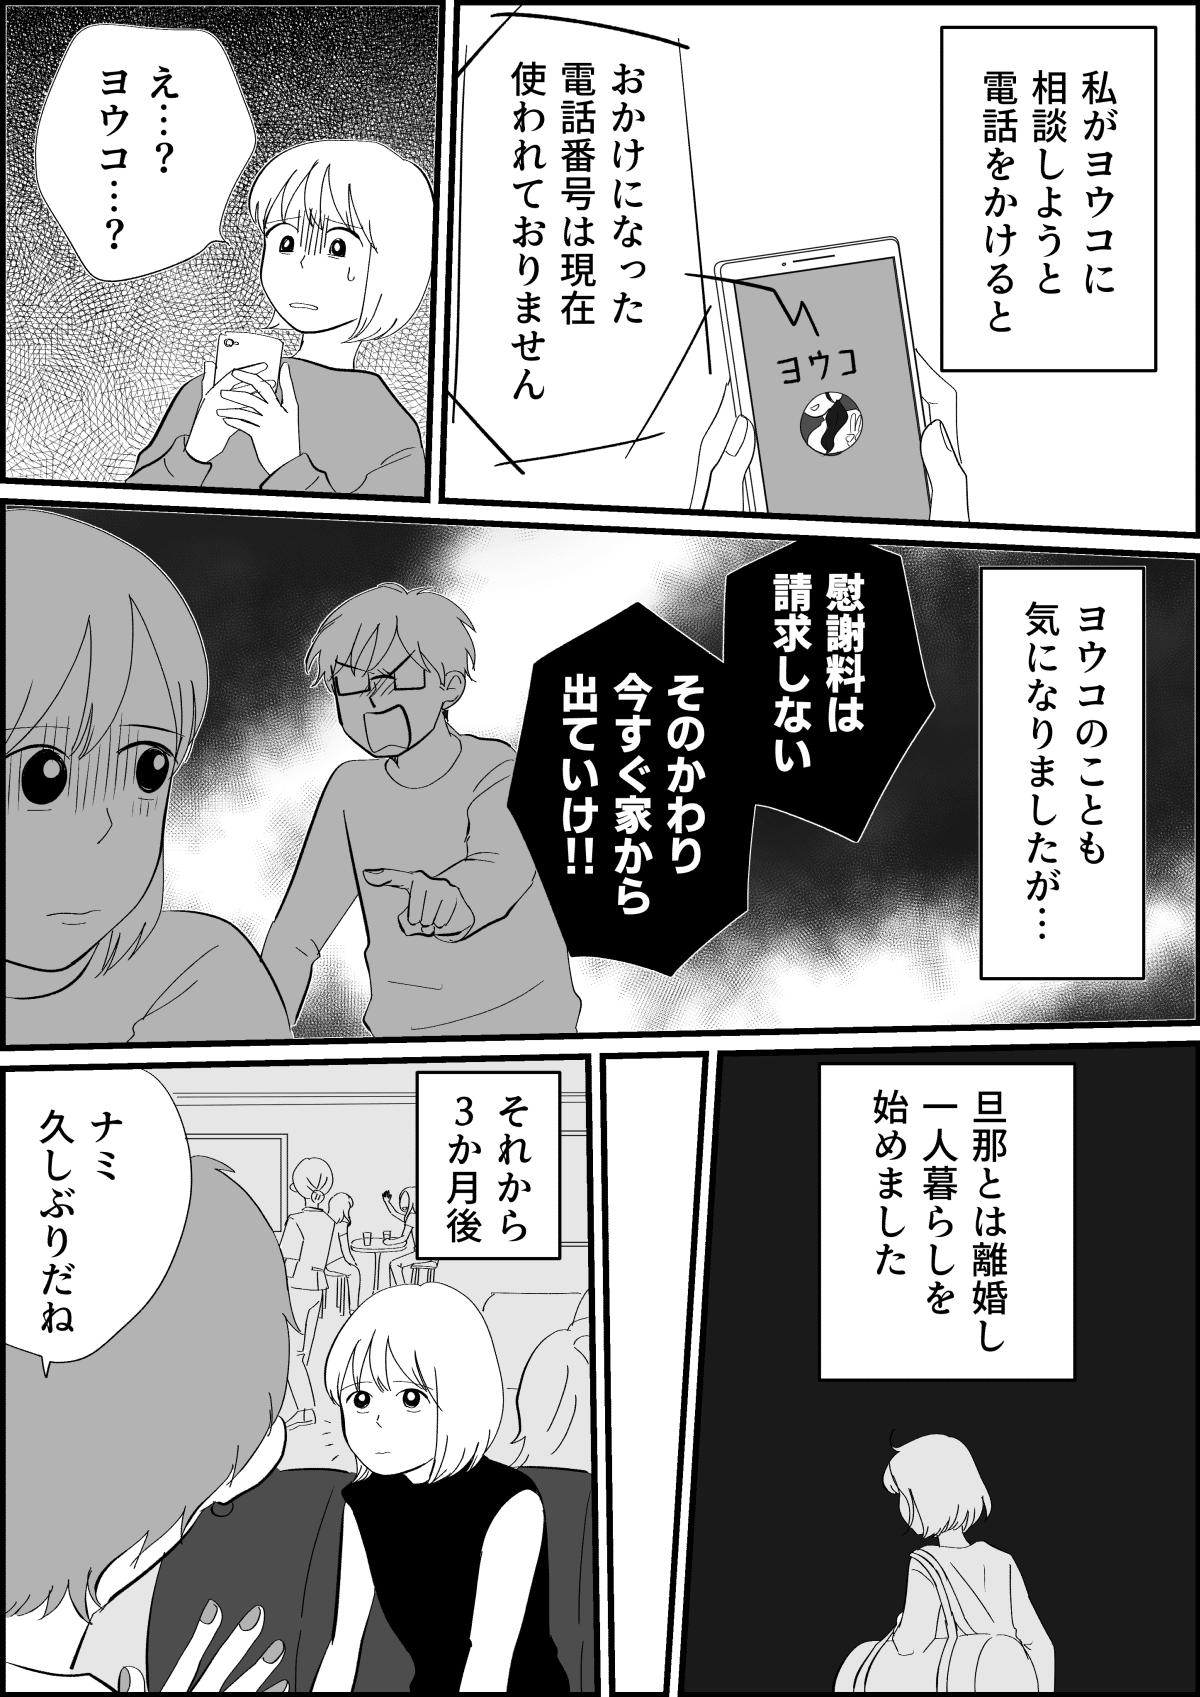 コミック_007 (3)